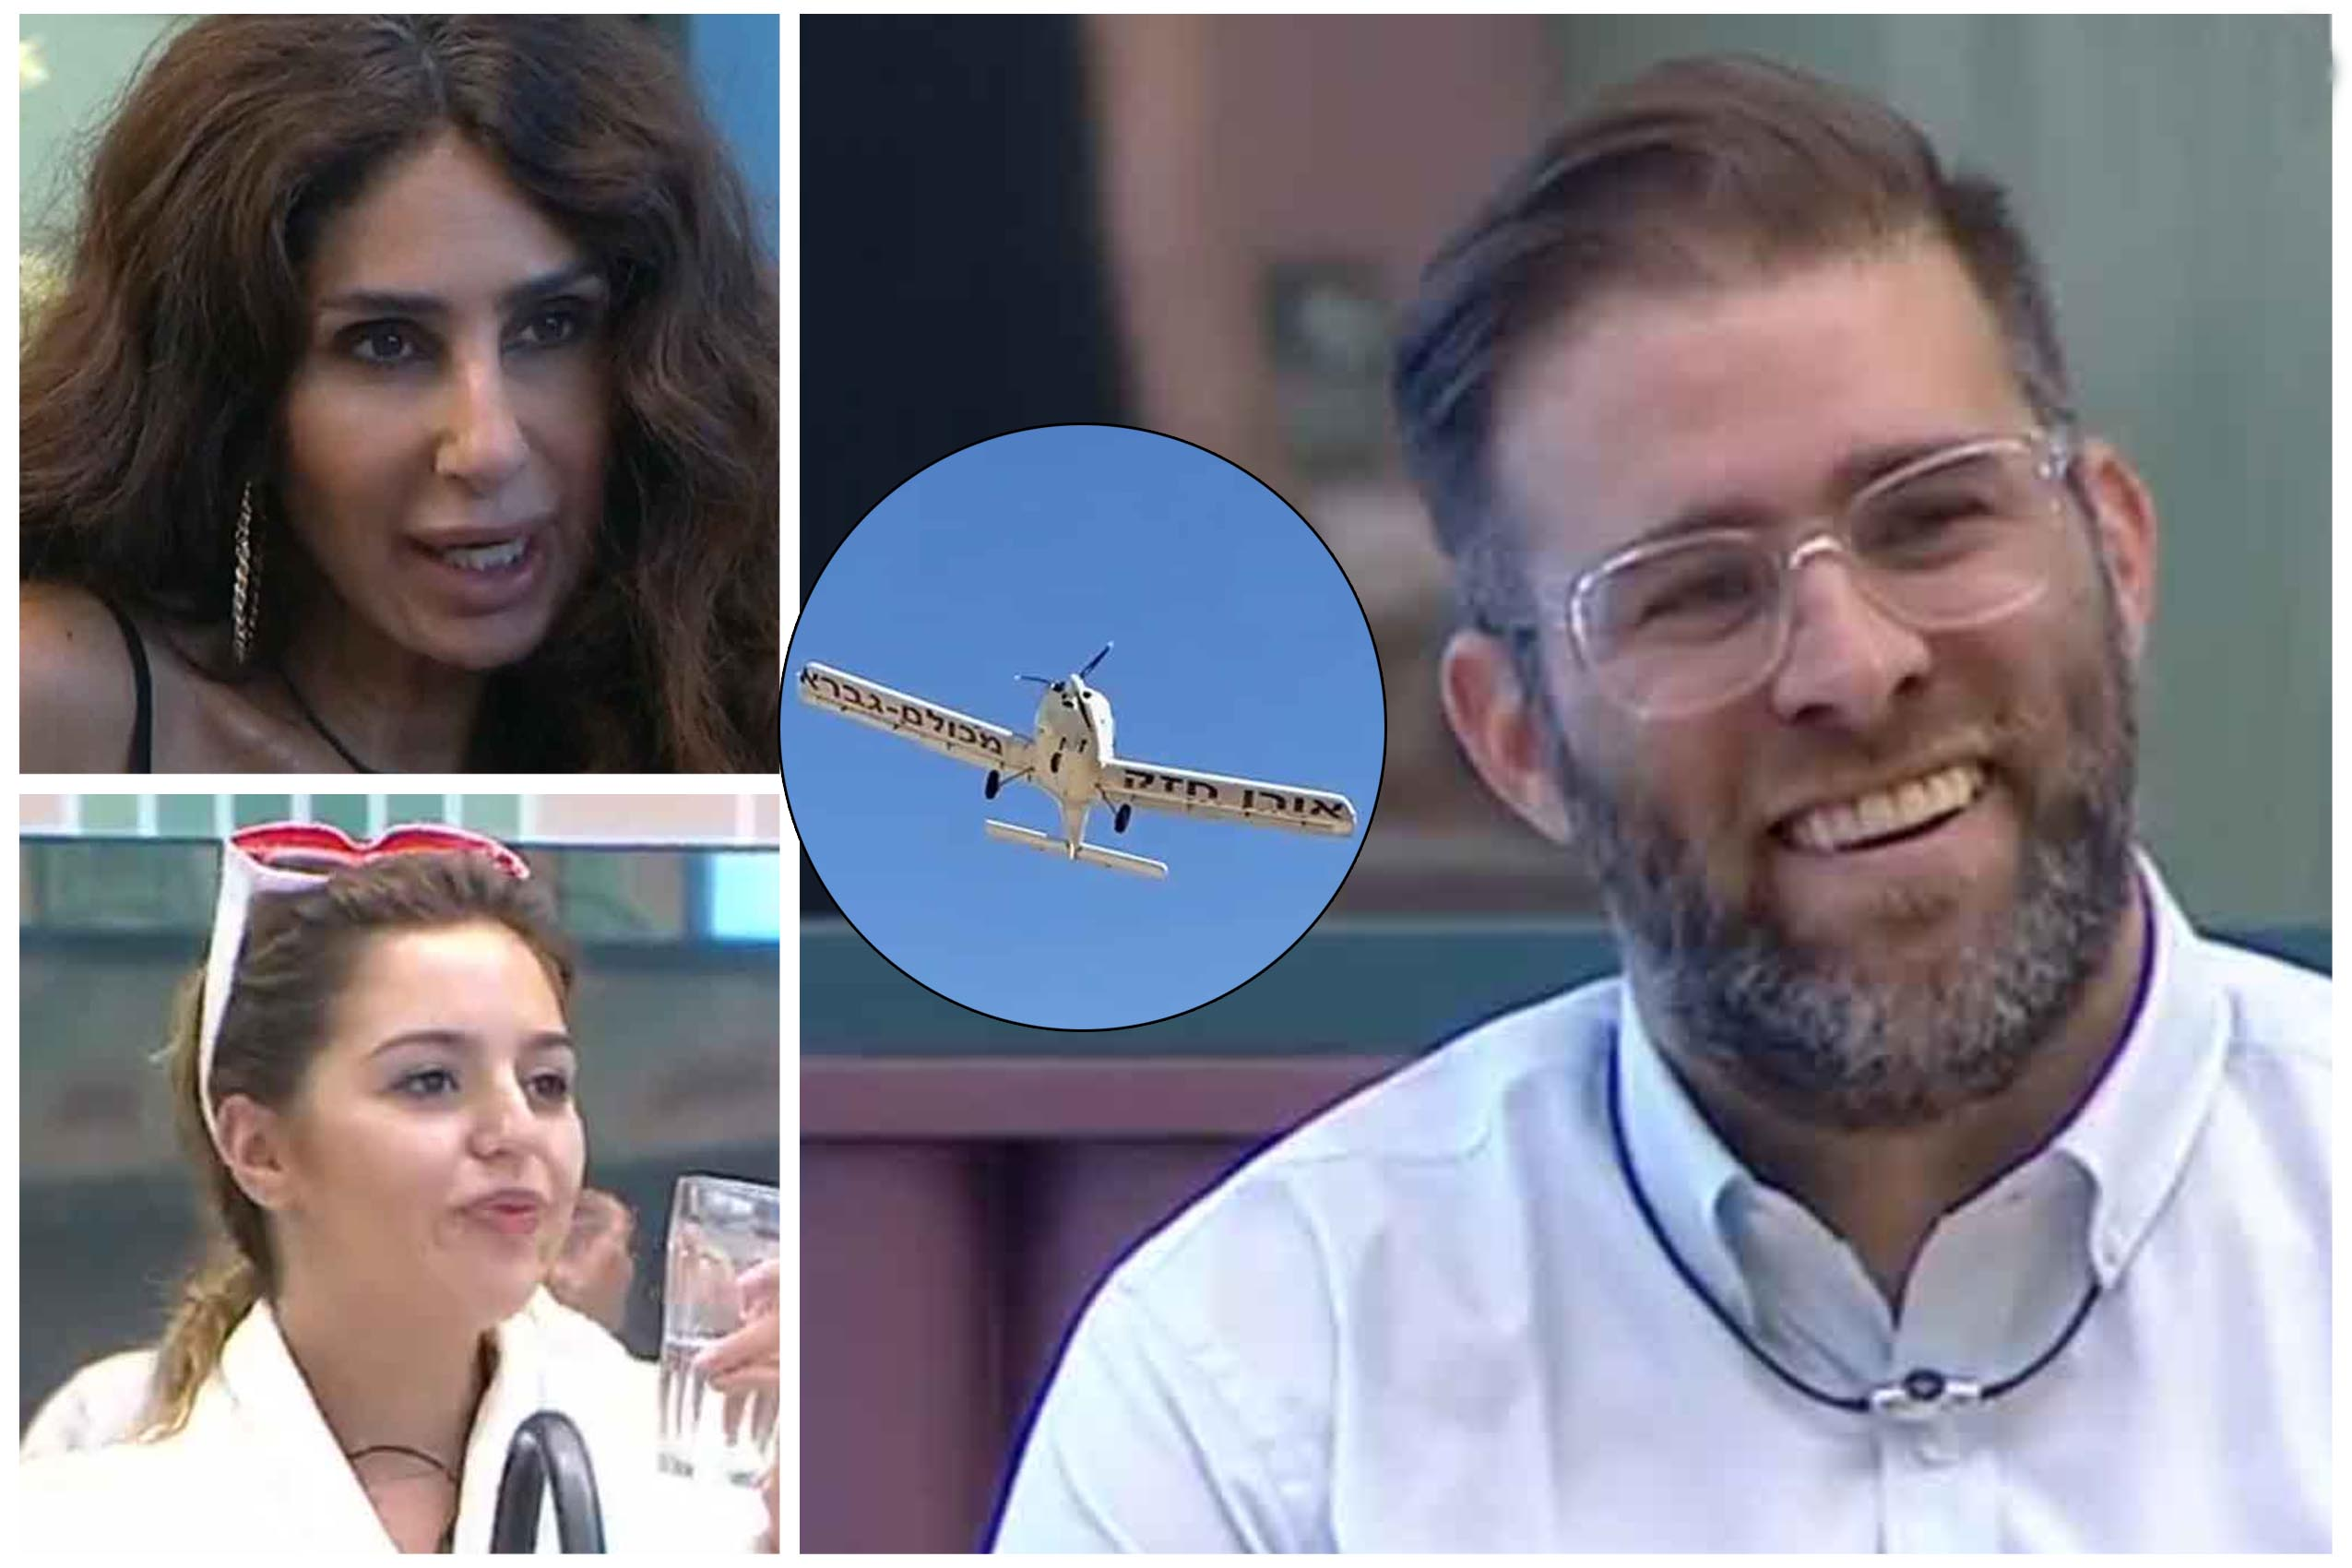 בלעדי: המסר הנסתר מאחורי המטוס לאורן חזן נחשף! ומי פחות פרגנו?